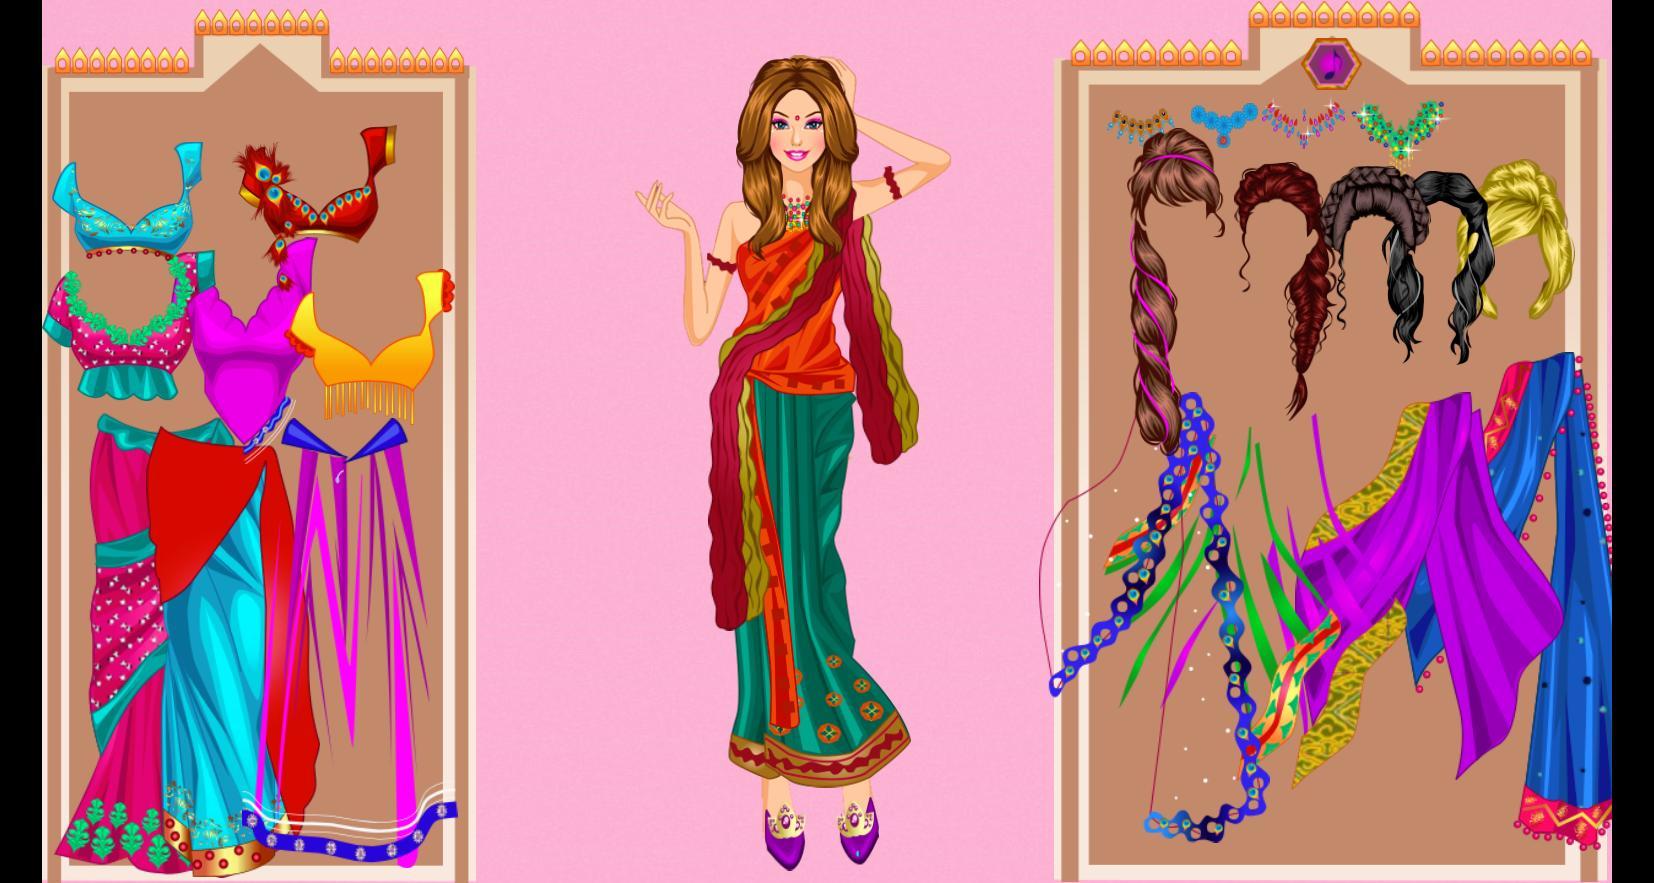 العاب تلبيس بنات هنديات مجانا ولعبها بدون انترنت العاب اون لاين بدون تحميل